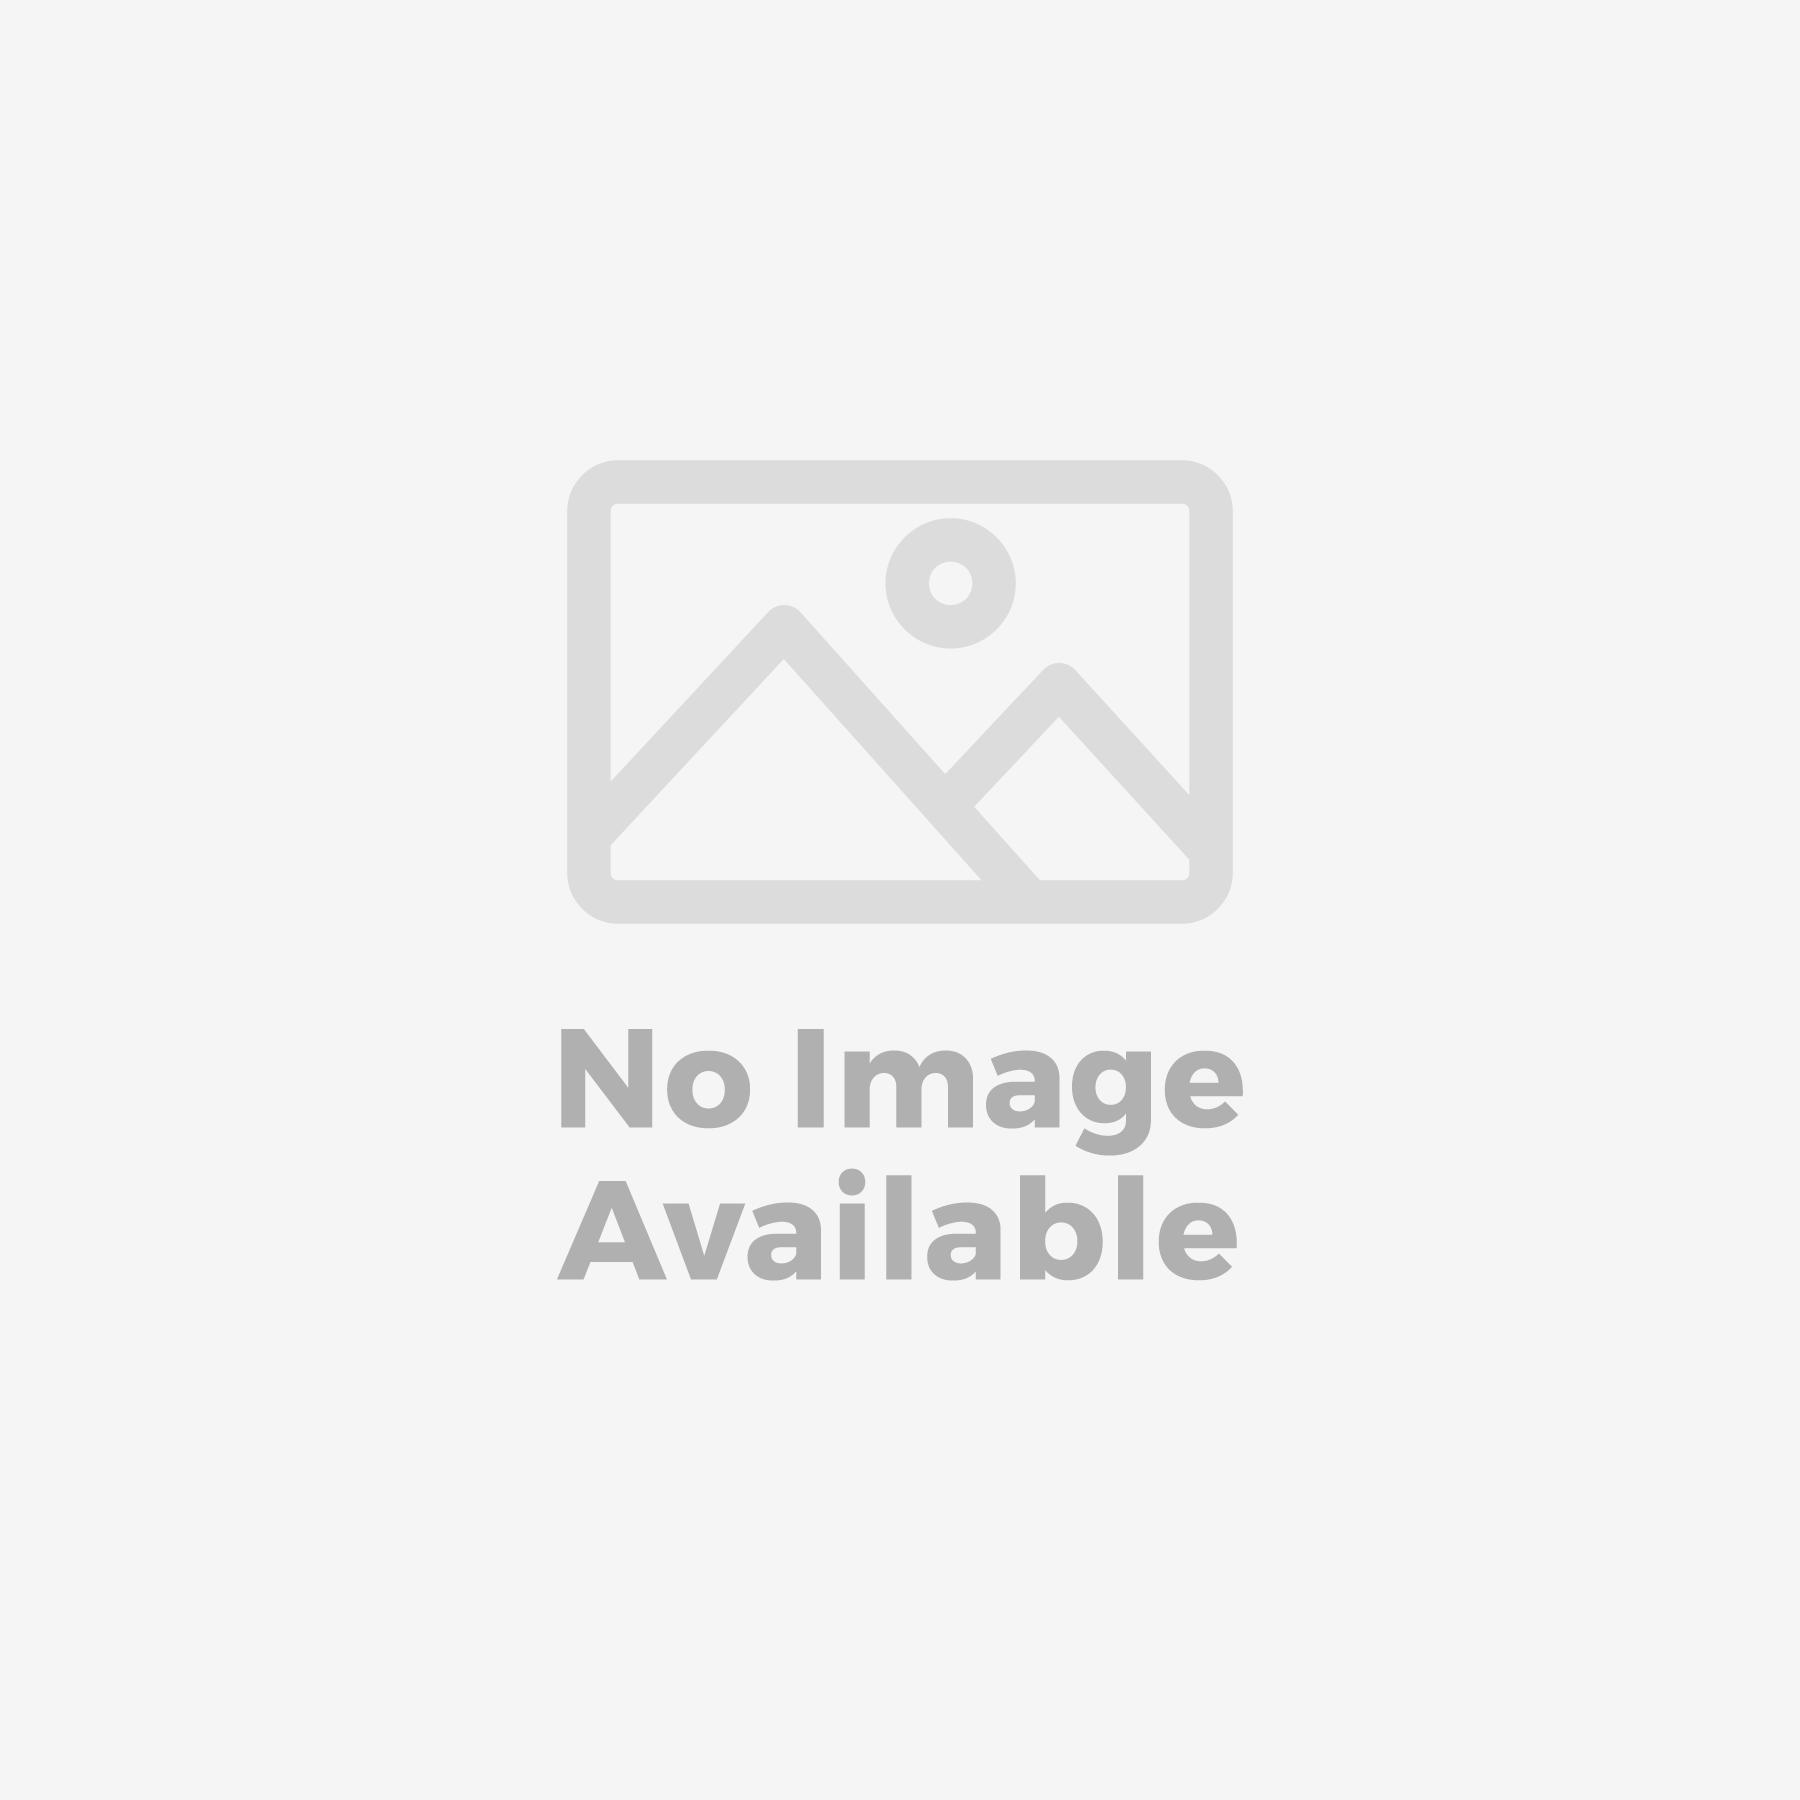 ANATOLIA TABLE LAMP